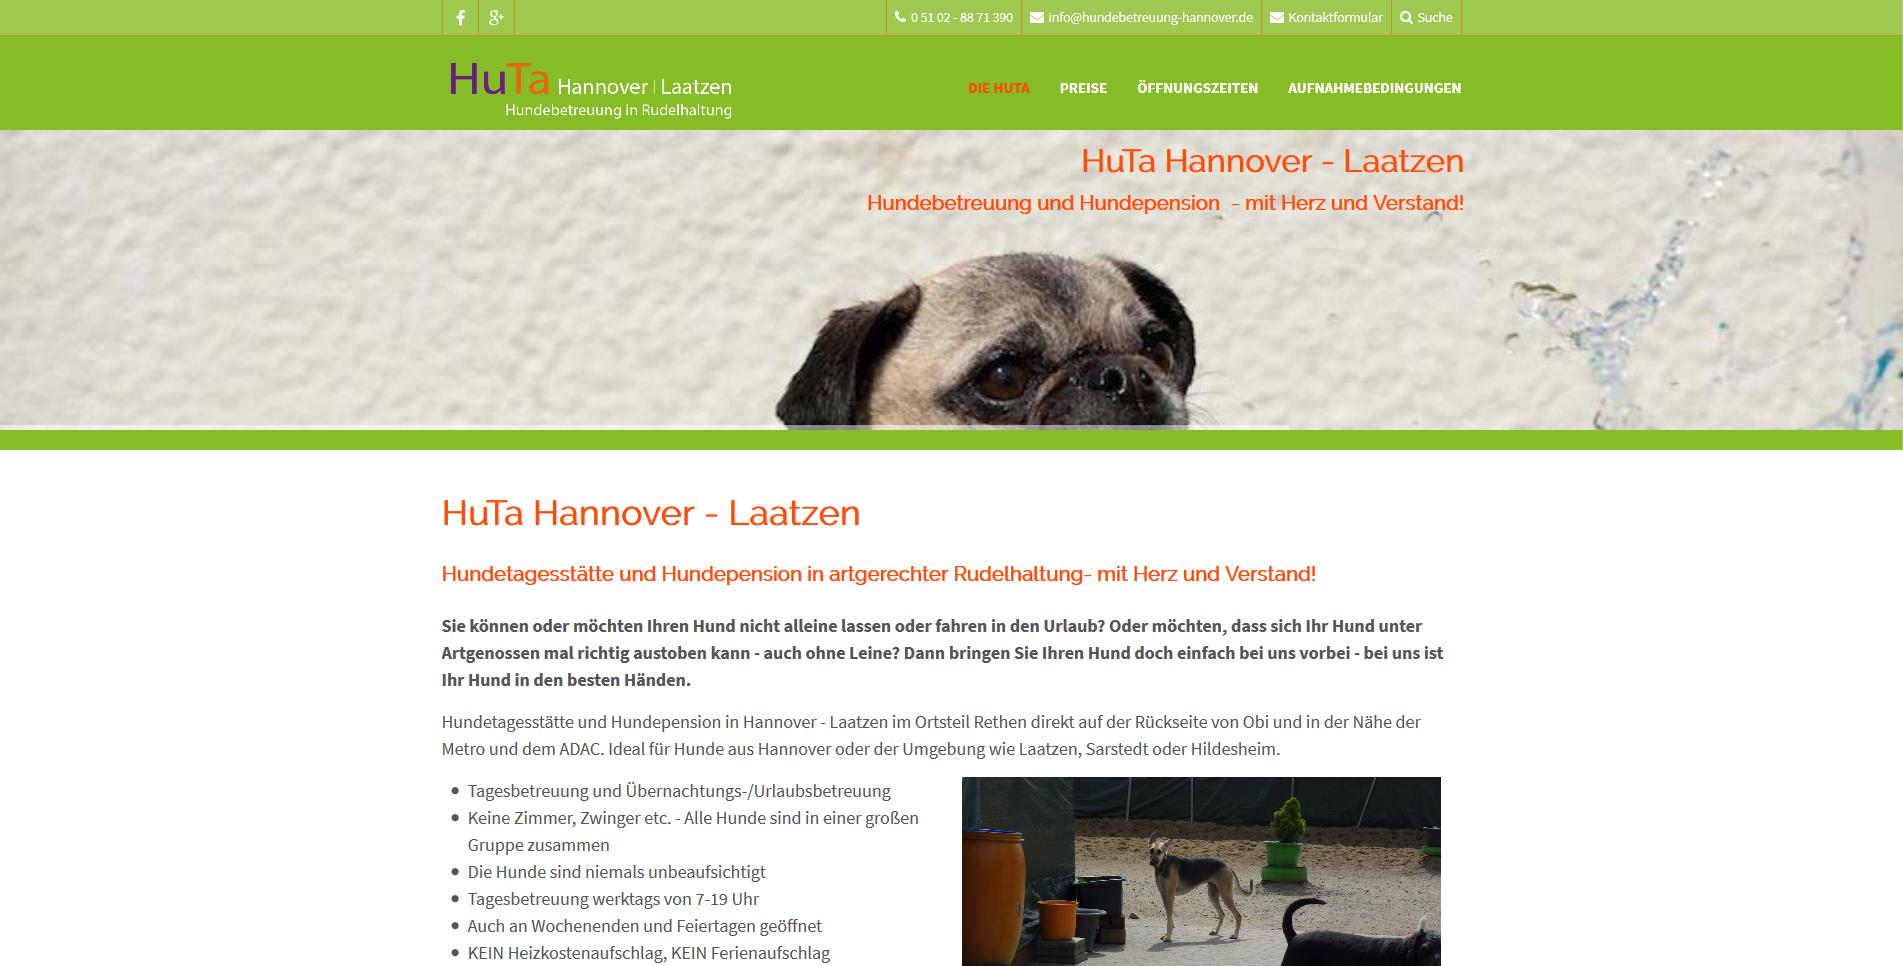 Hundetagesstätte (HuTa) Hannover